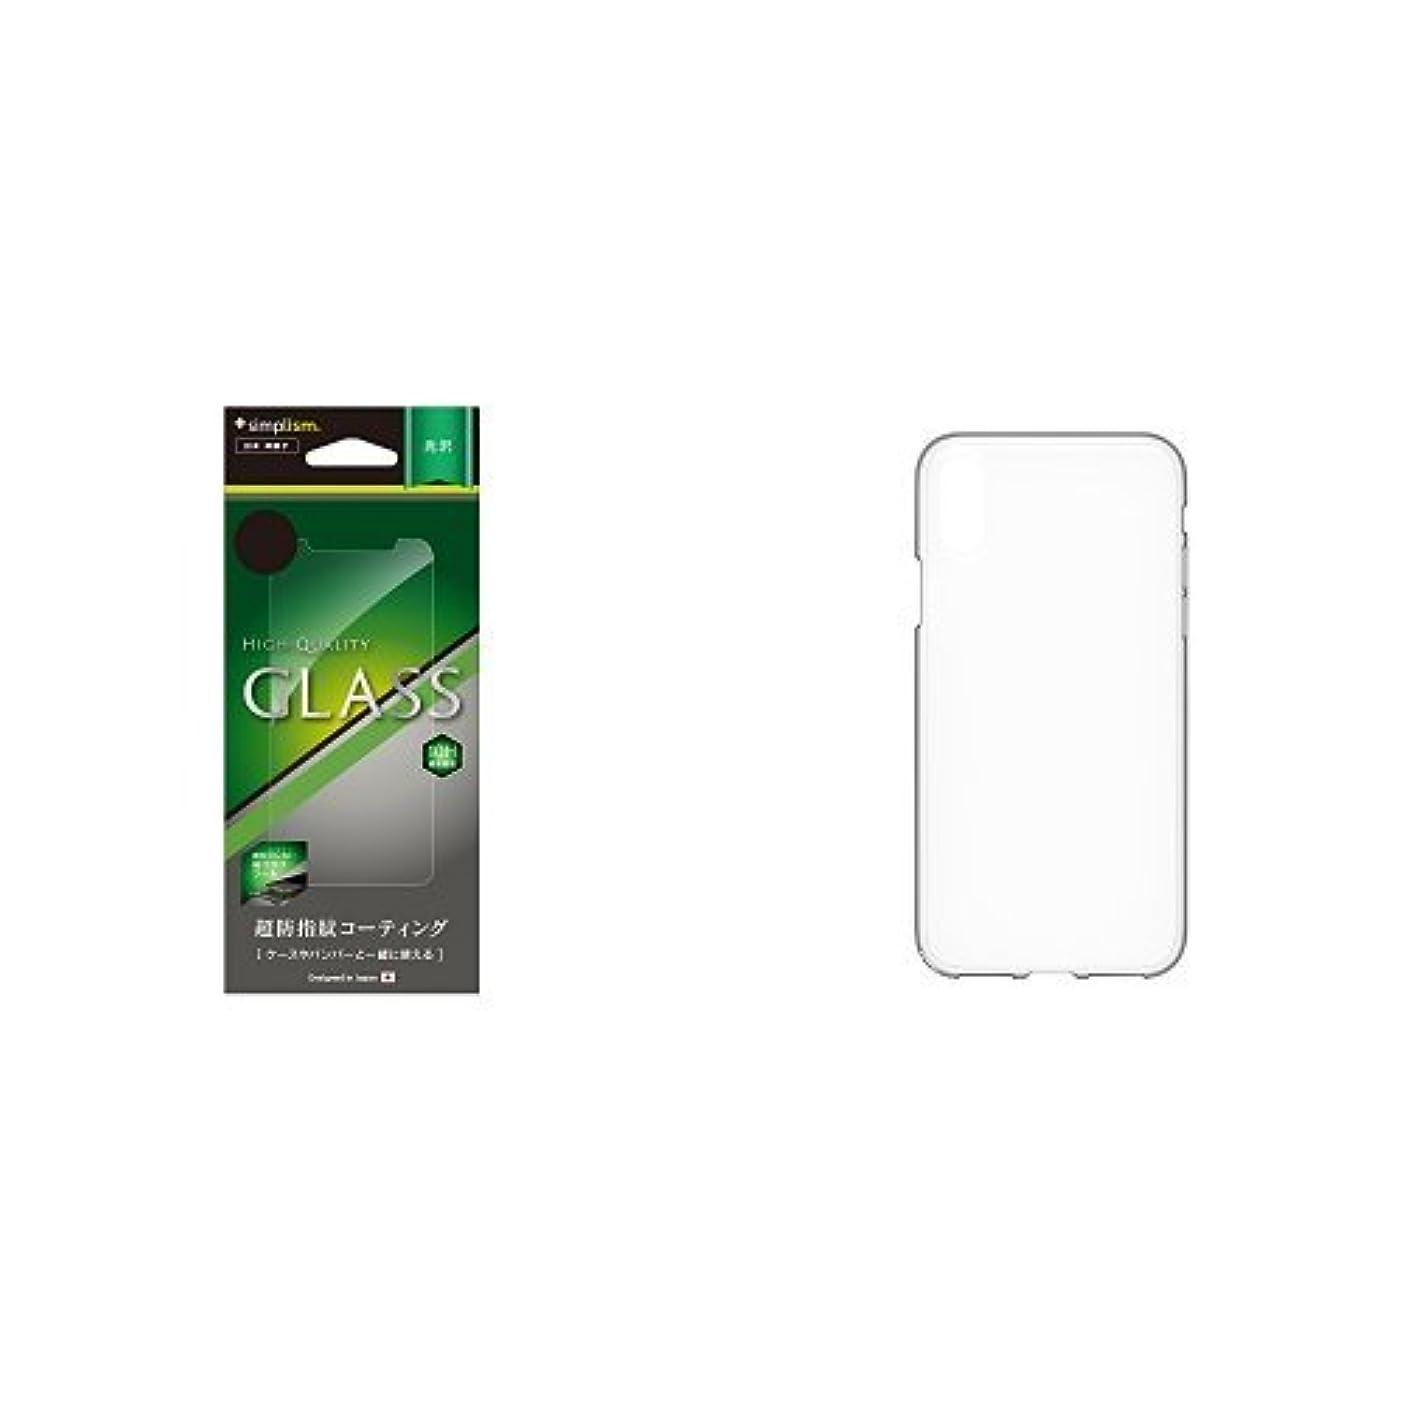 荒れ地抑圧者非武装化Simplism iPhone X 液晶保護 強化ガラス フィルム 光沢【ケースセット】